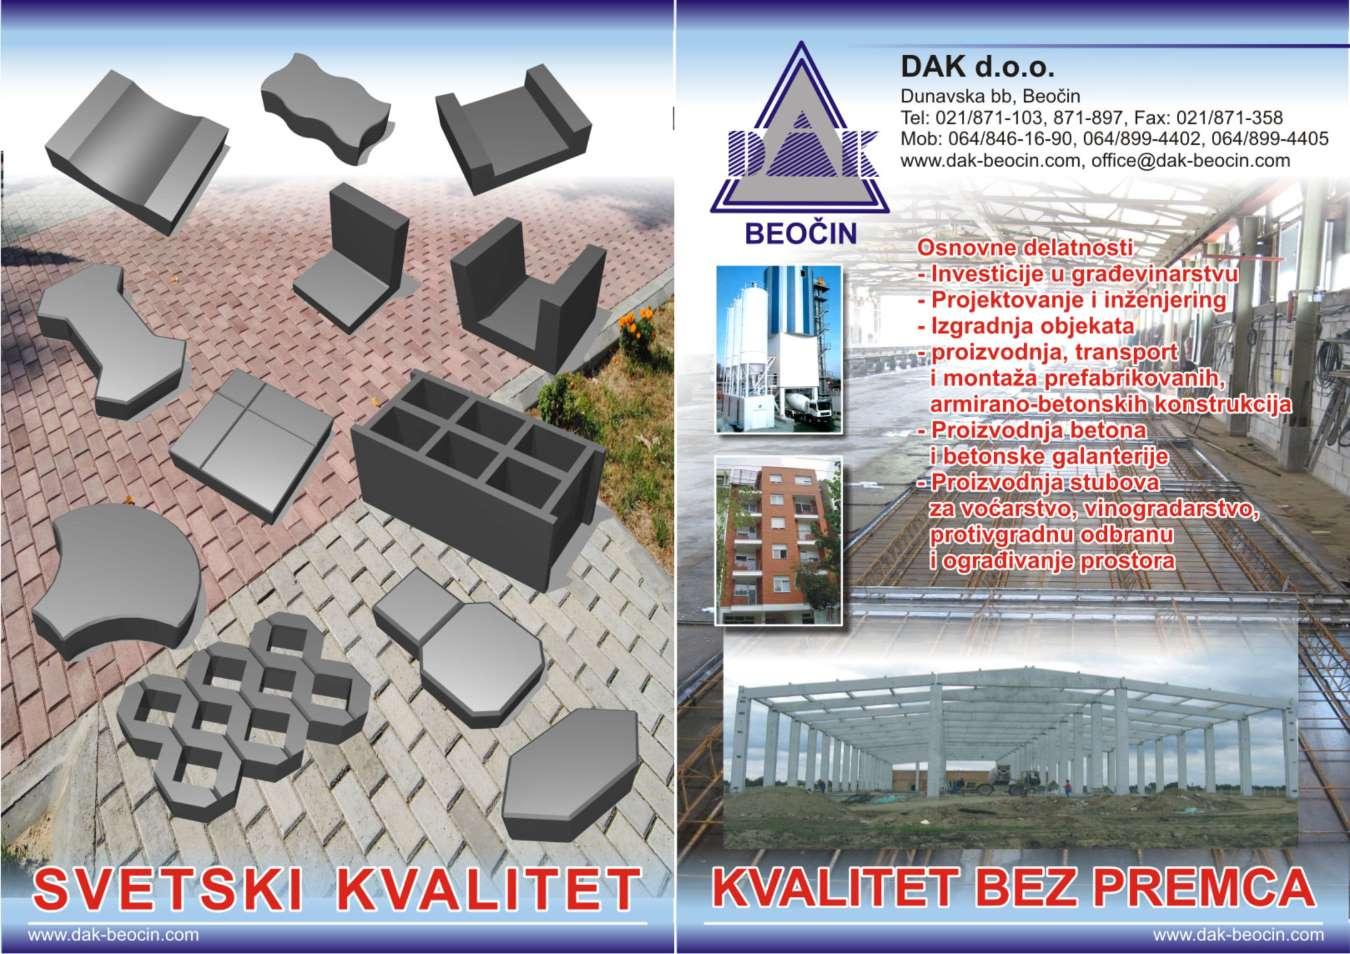 dak-katalog-4-1